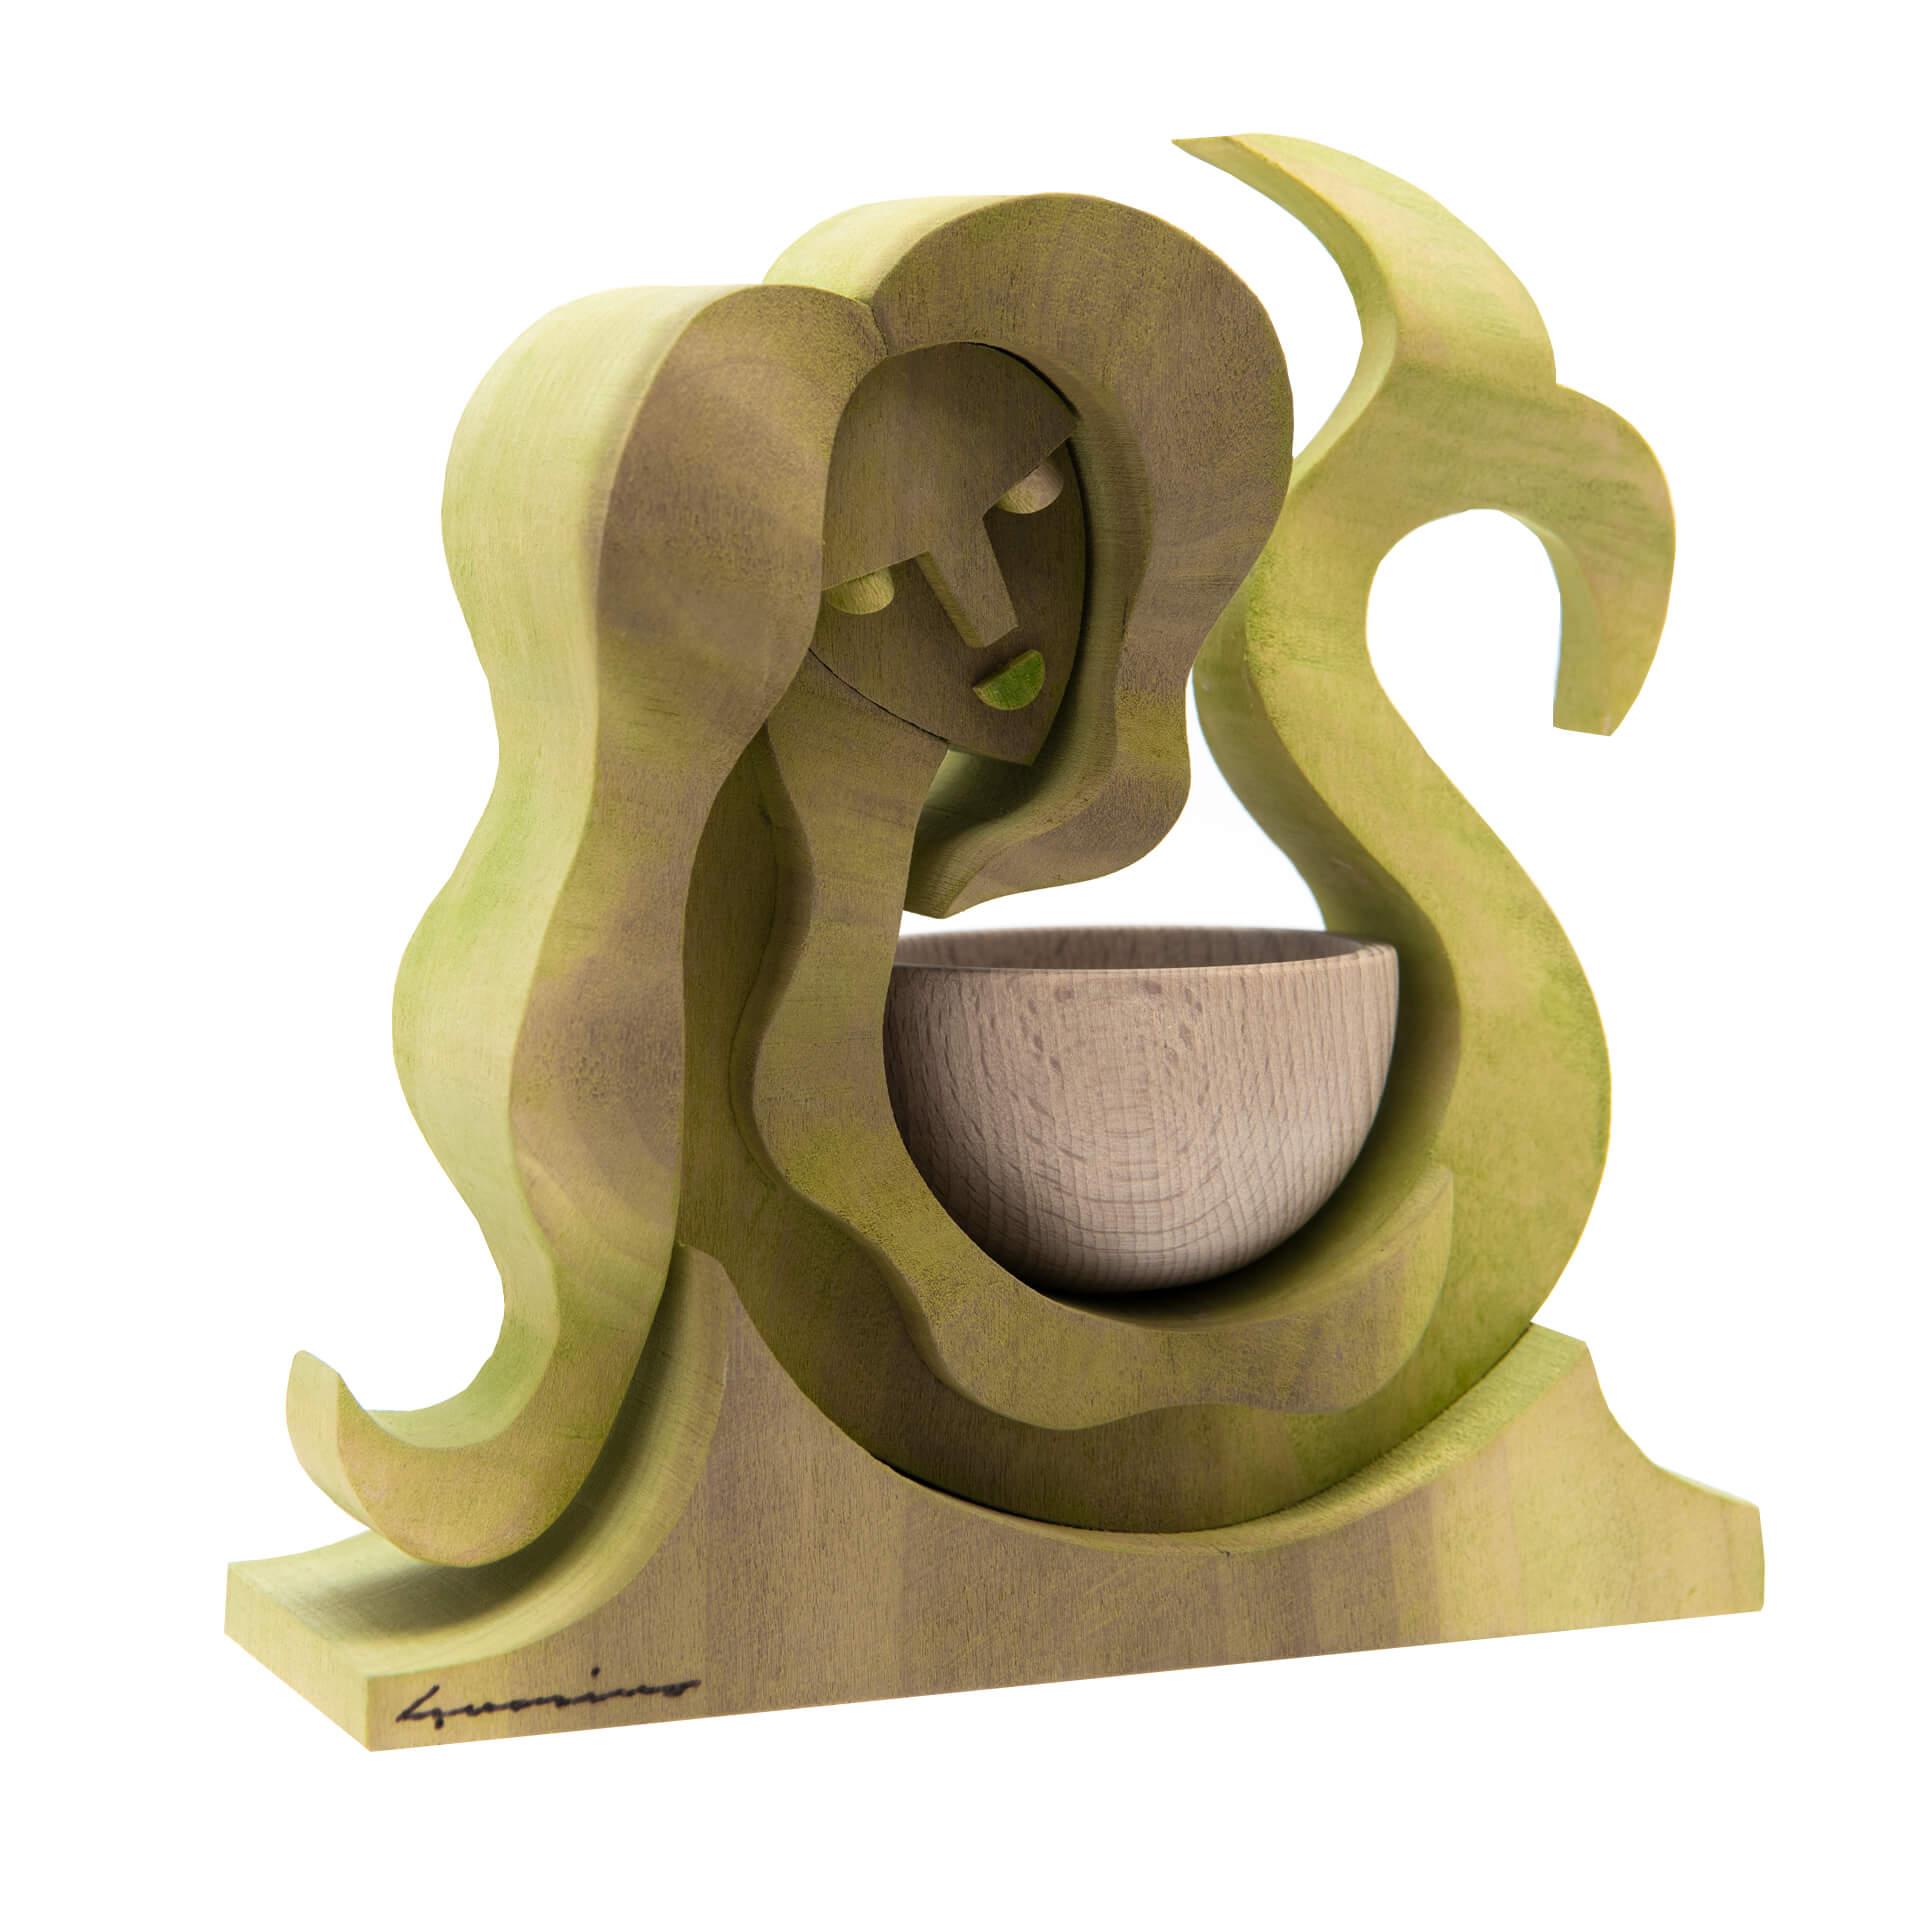 Scultura in legno Acquario - Dimensione media 17x 7 x 17 cm (b x p x h)